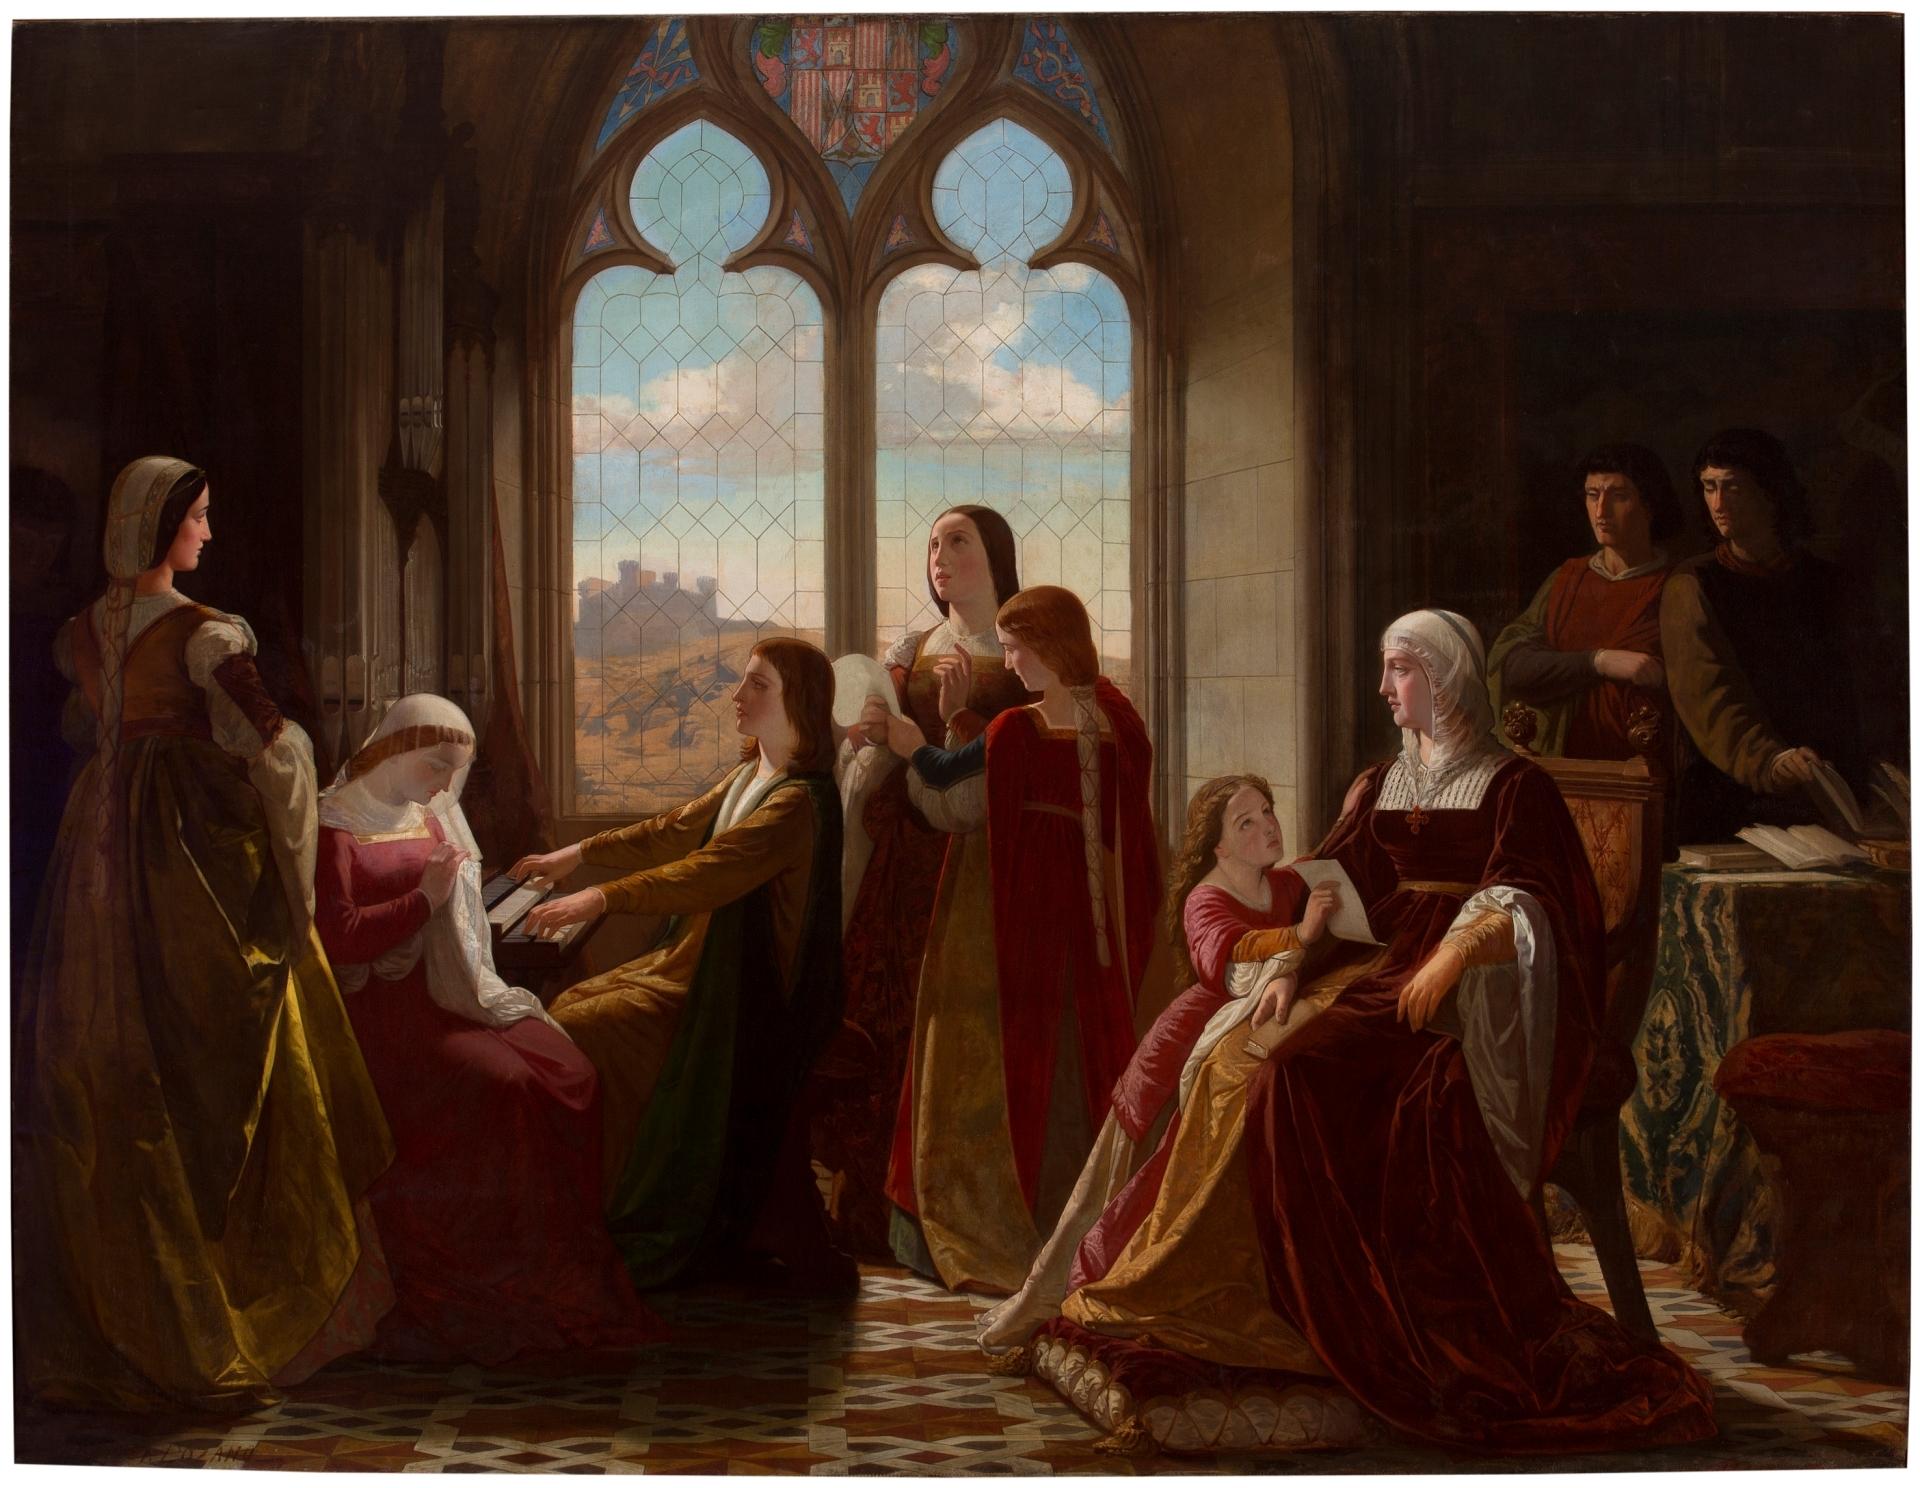 La reina Isabel la Católica, presidiendo la educación de sus hijos. Isidoro Santos Lozano Sirgos, ca. 1864.